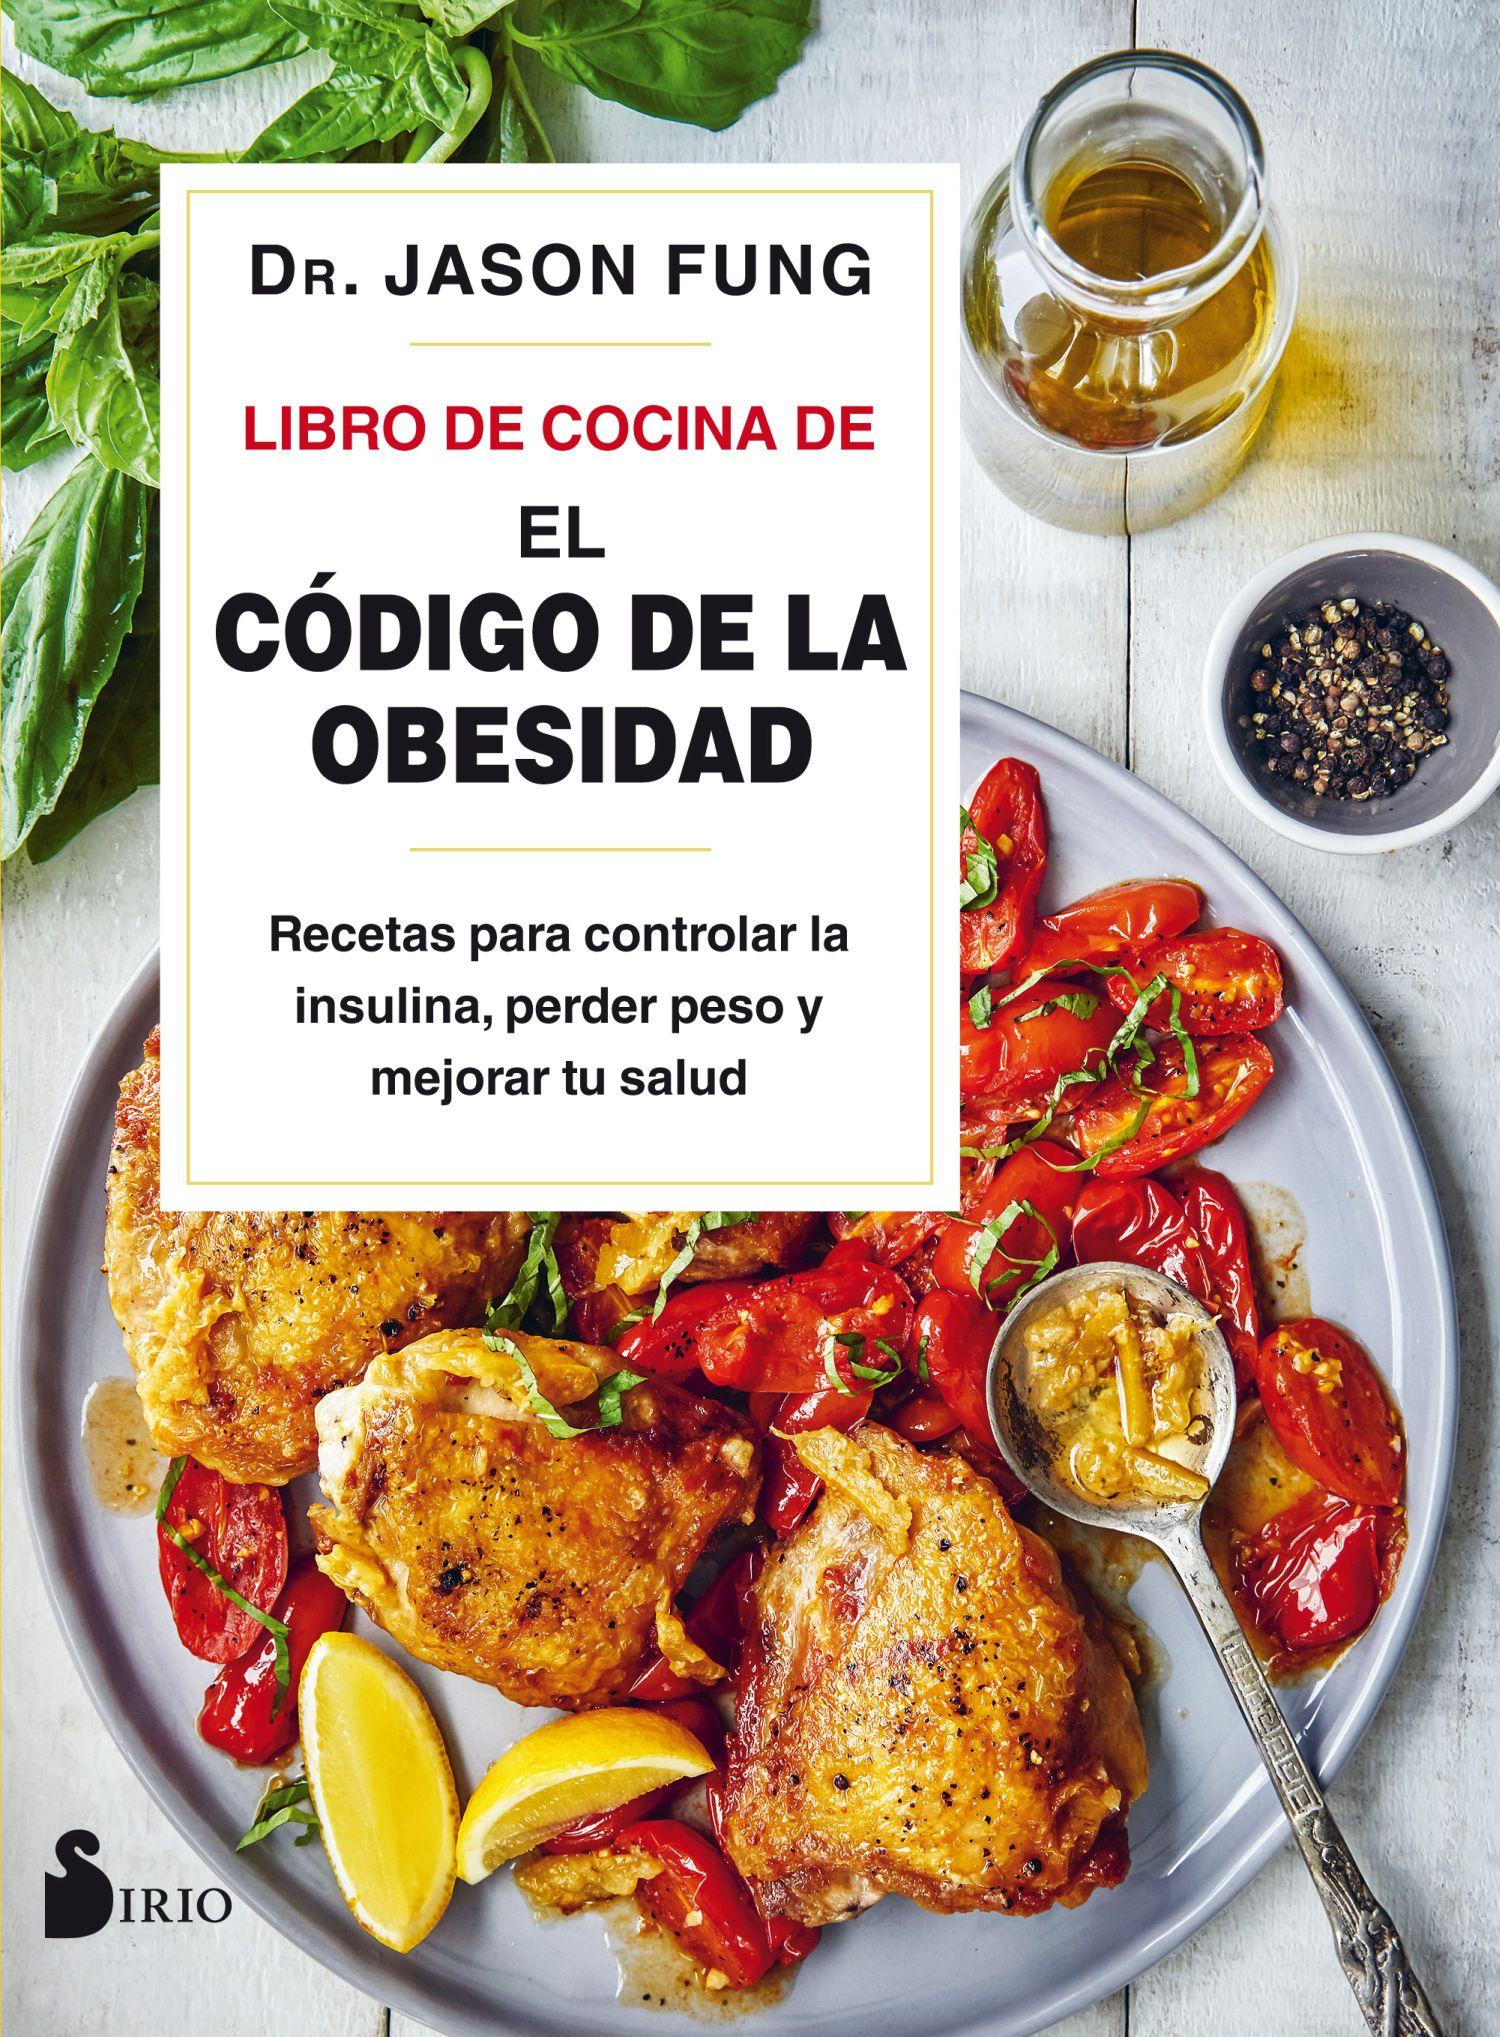 Libro de Cocina de El código de la obesidad   «Recetas para controlar la insulina, perder peso y mejorar tu salud»